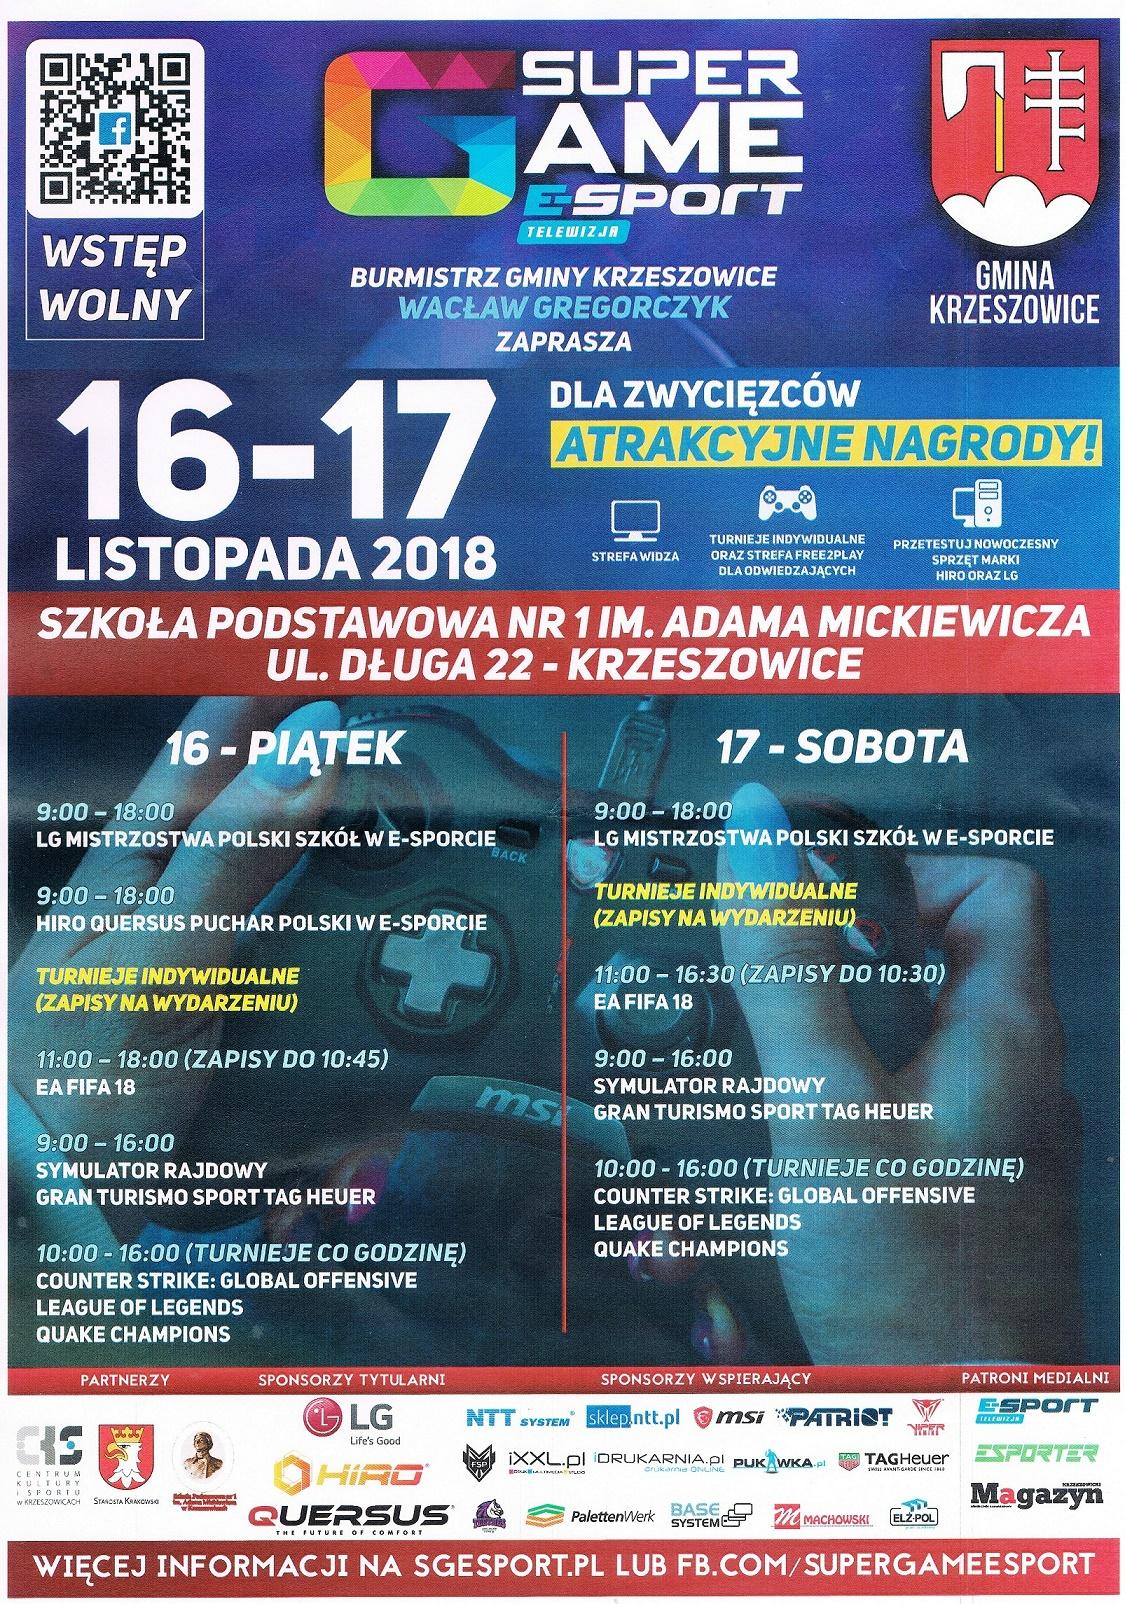 LG Mistrzostwa Polski Szkół w E-Sporcie 16 - 17